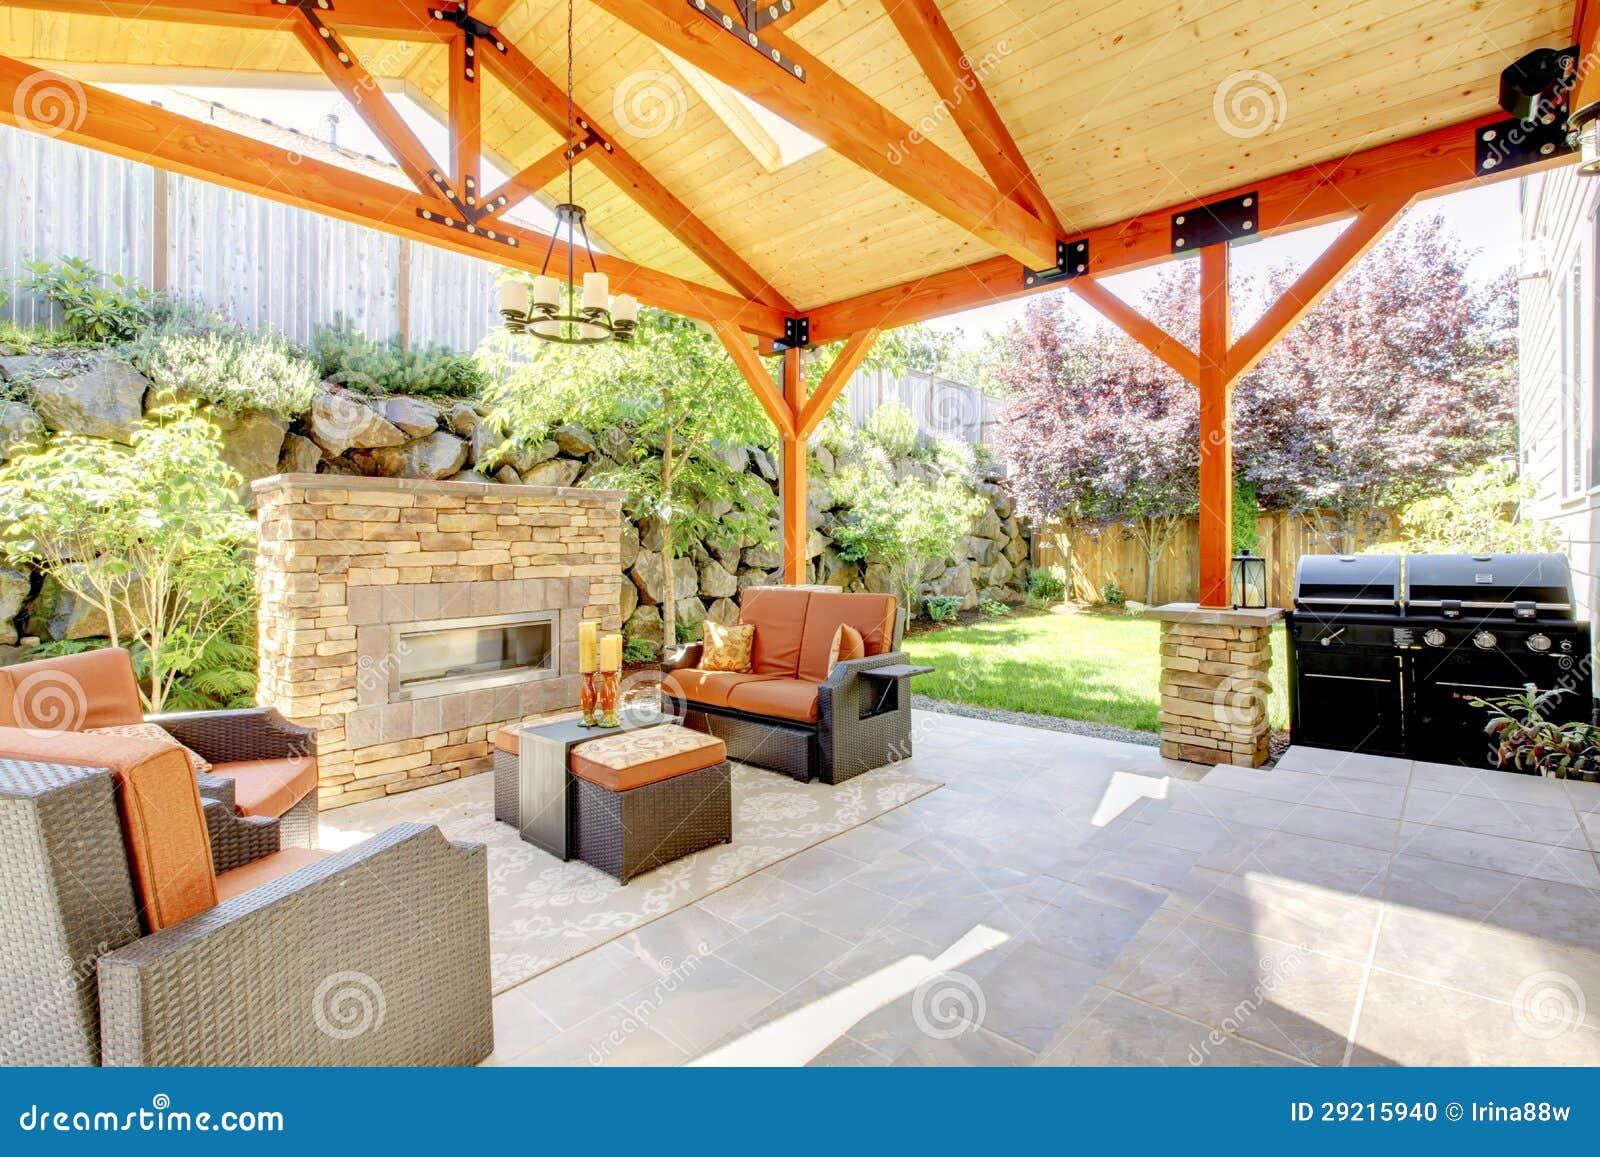 Buitenkant behandeld terras met open haard en meubilair stock foto beeld 29215940 for Eigentijdse buitenkant